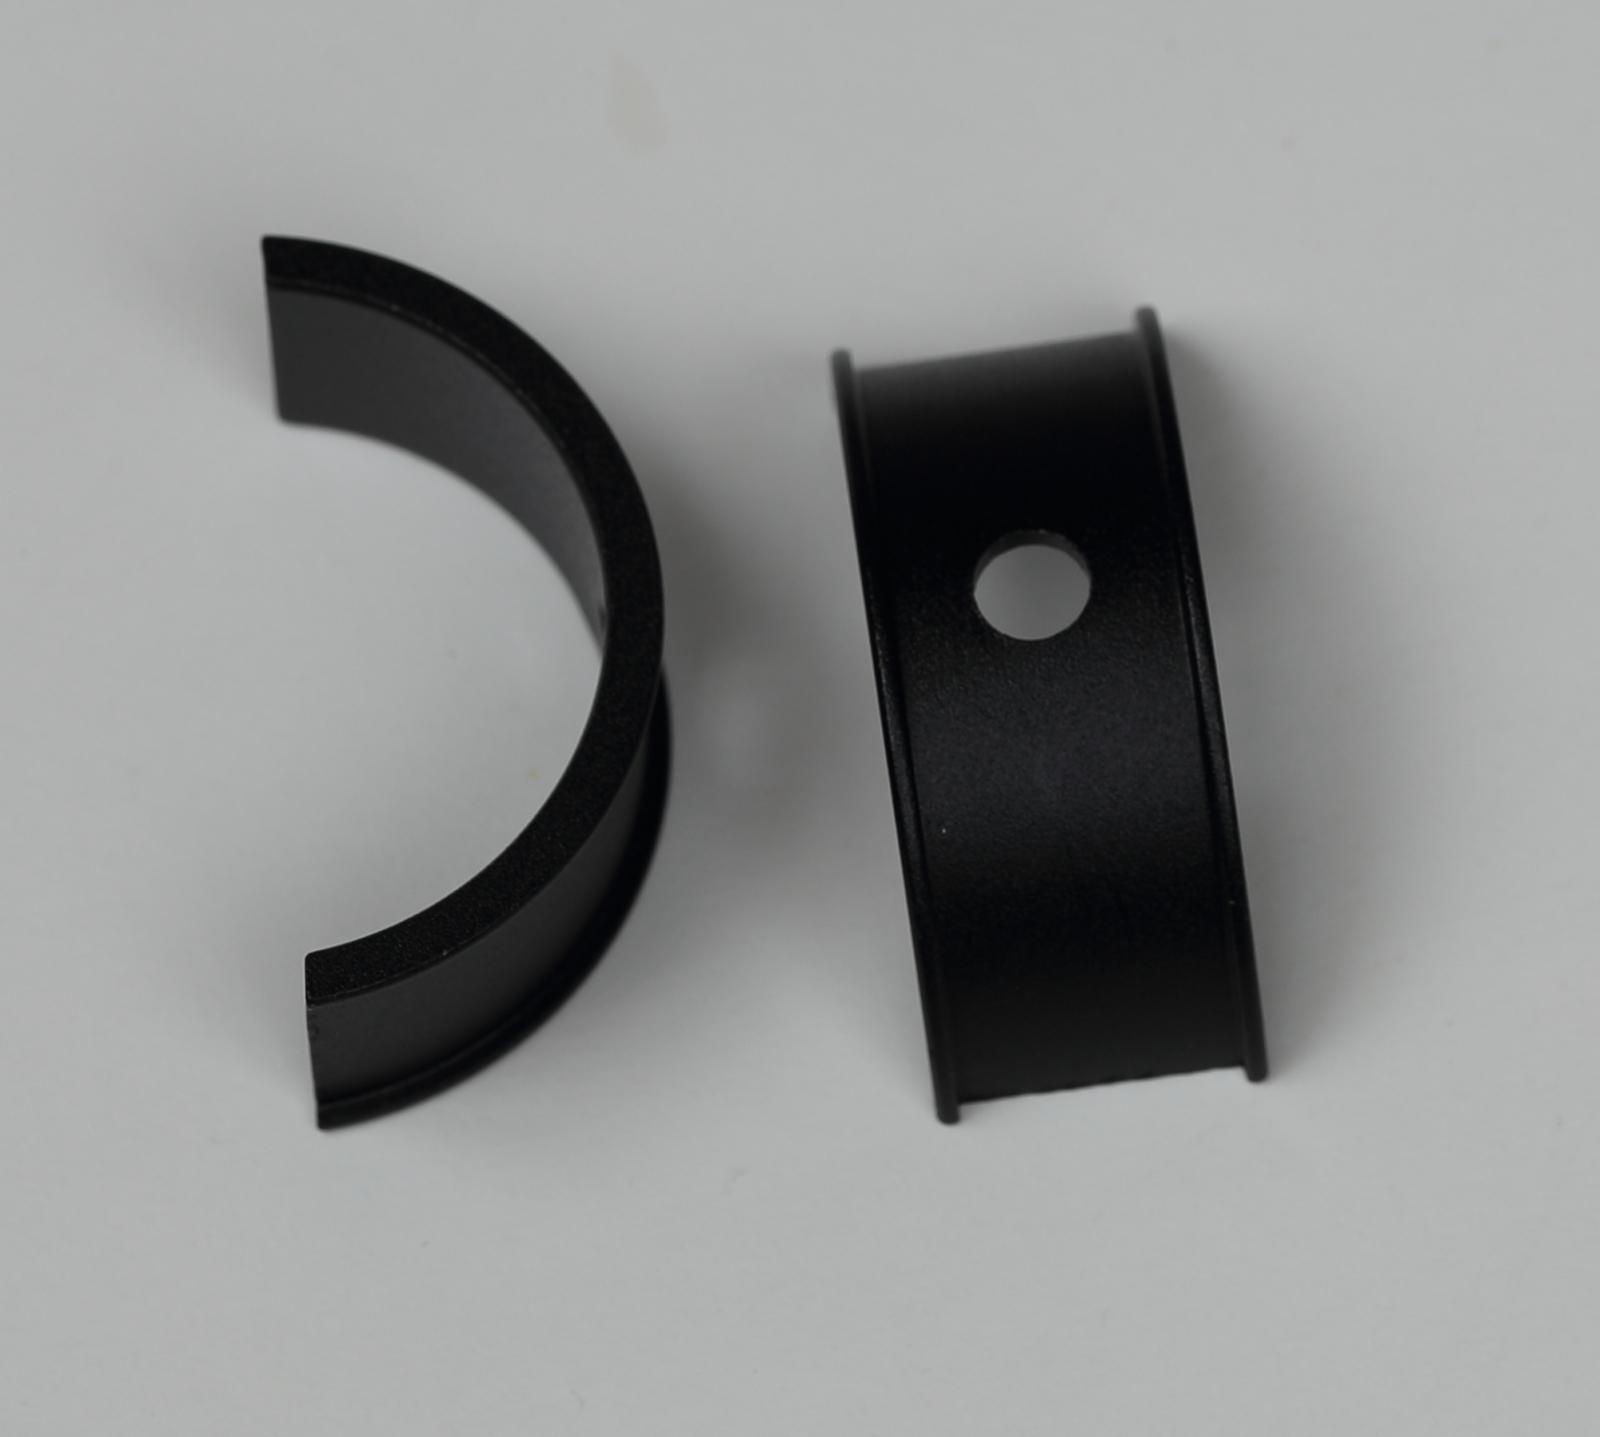 Universal Kettenführung lang für 31,8 und 34,6 mm Sattelrohr